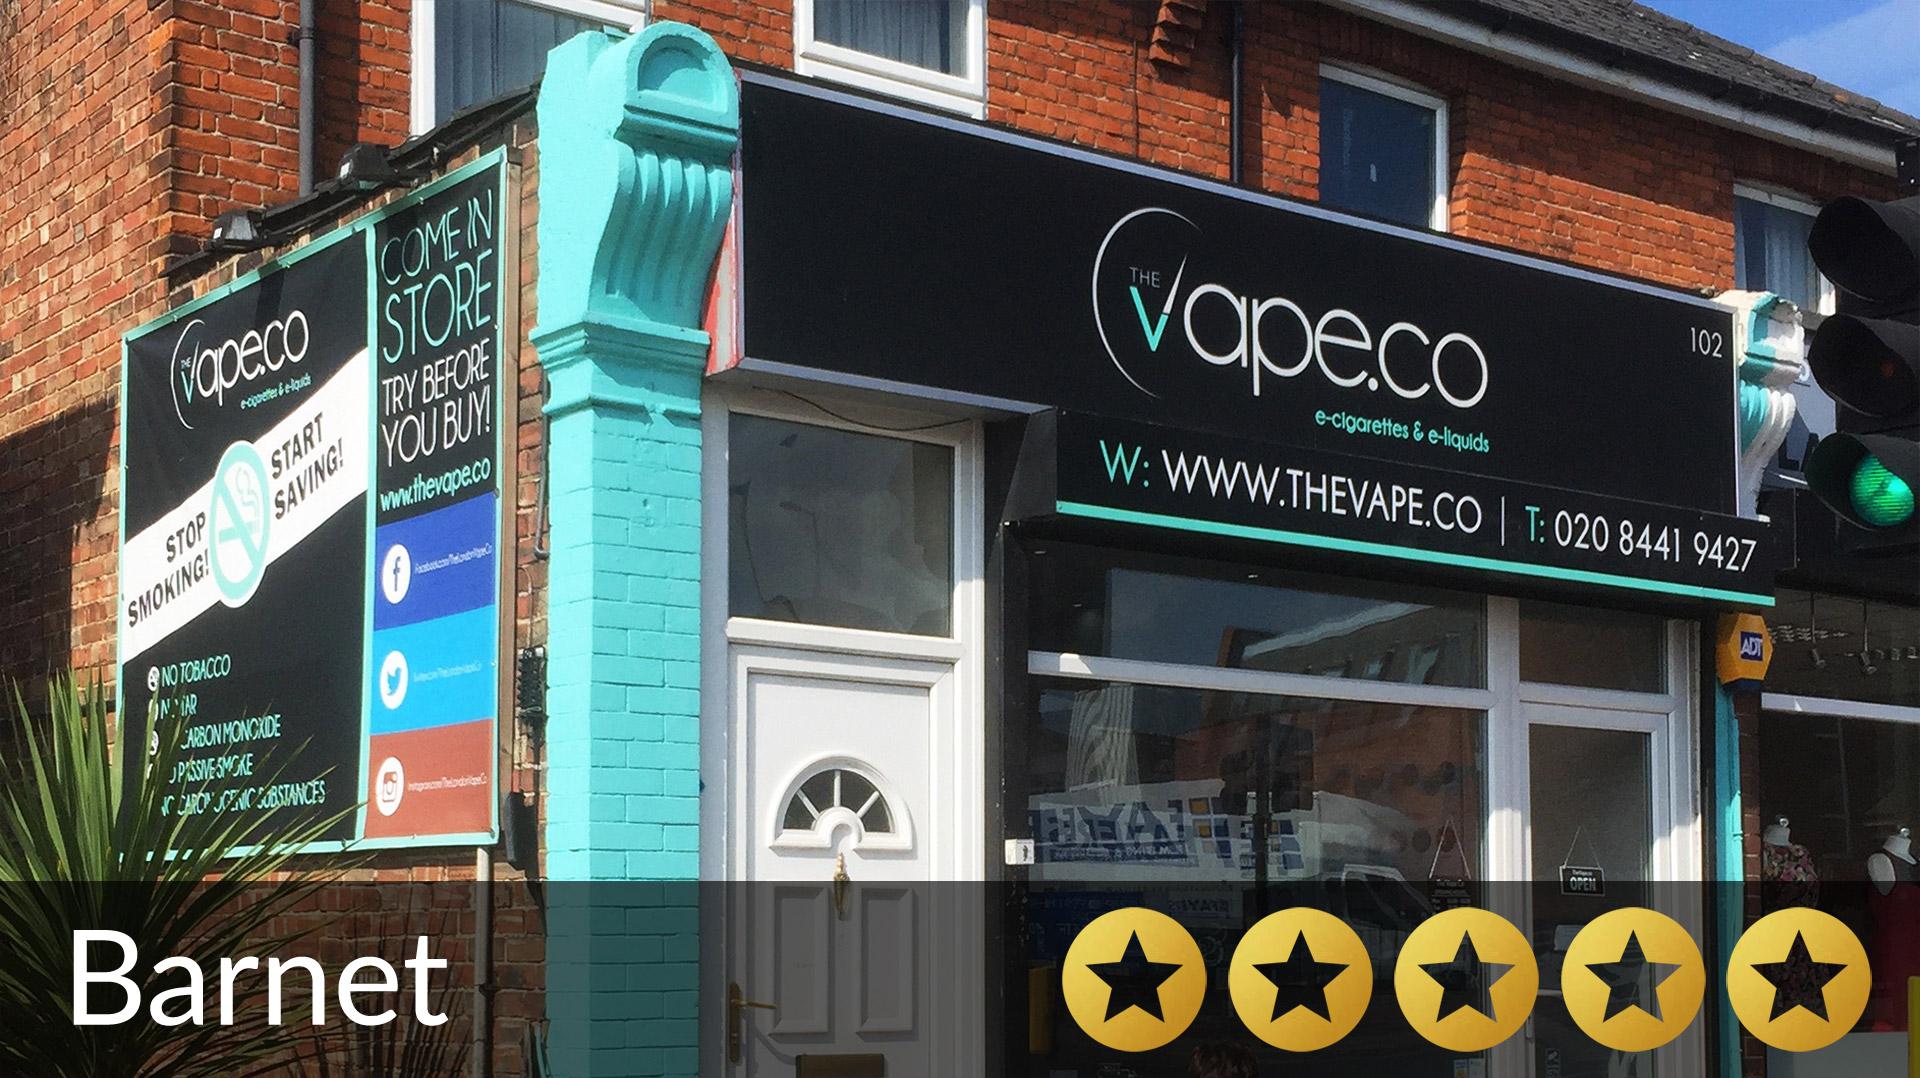 The London Vape Company East Barnet